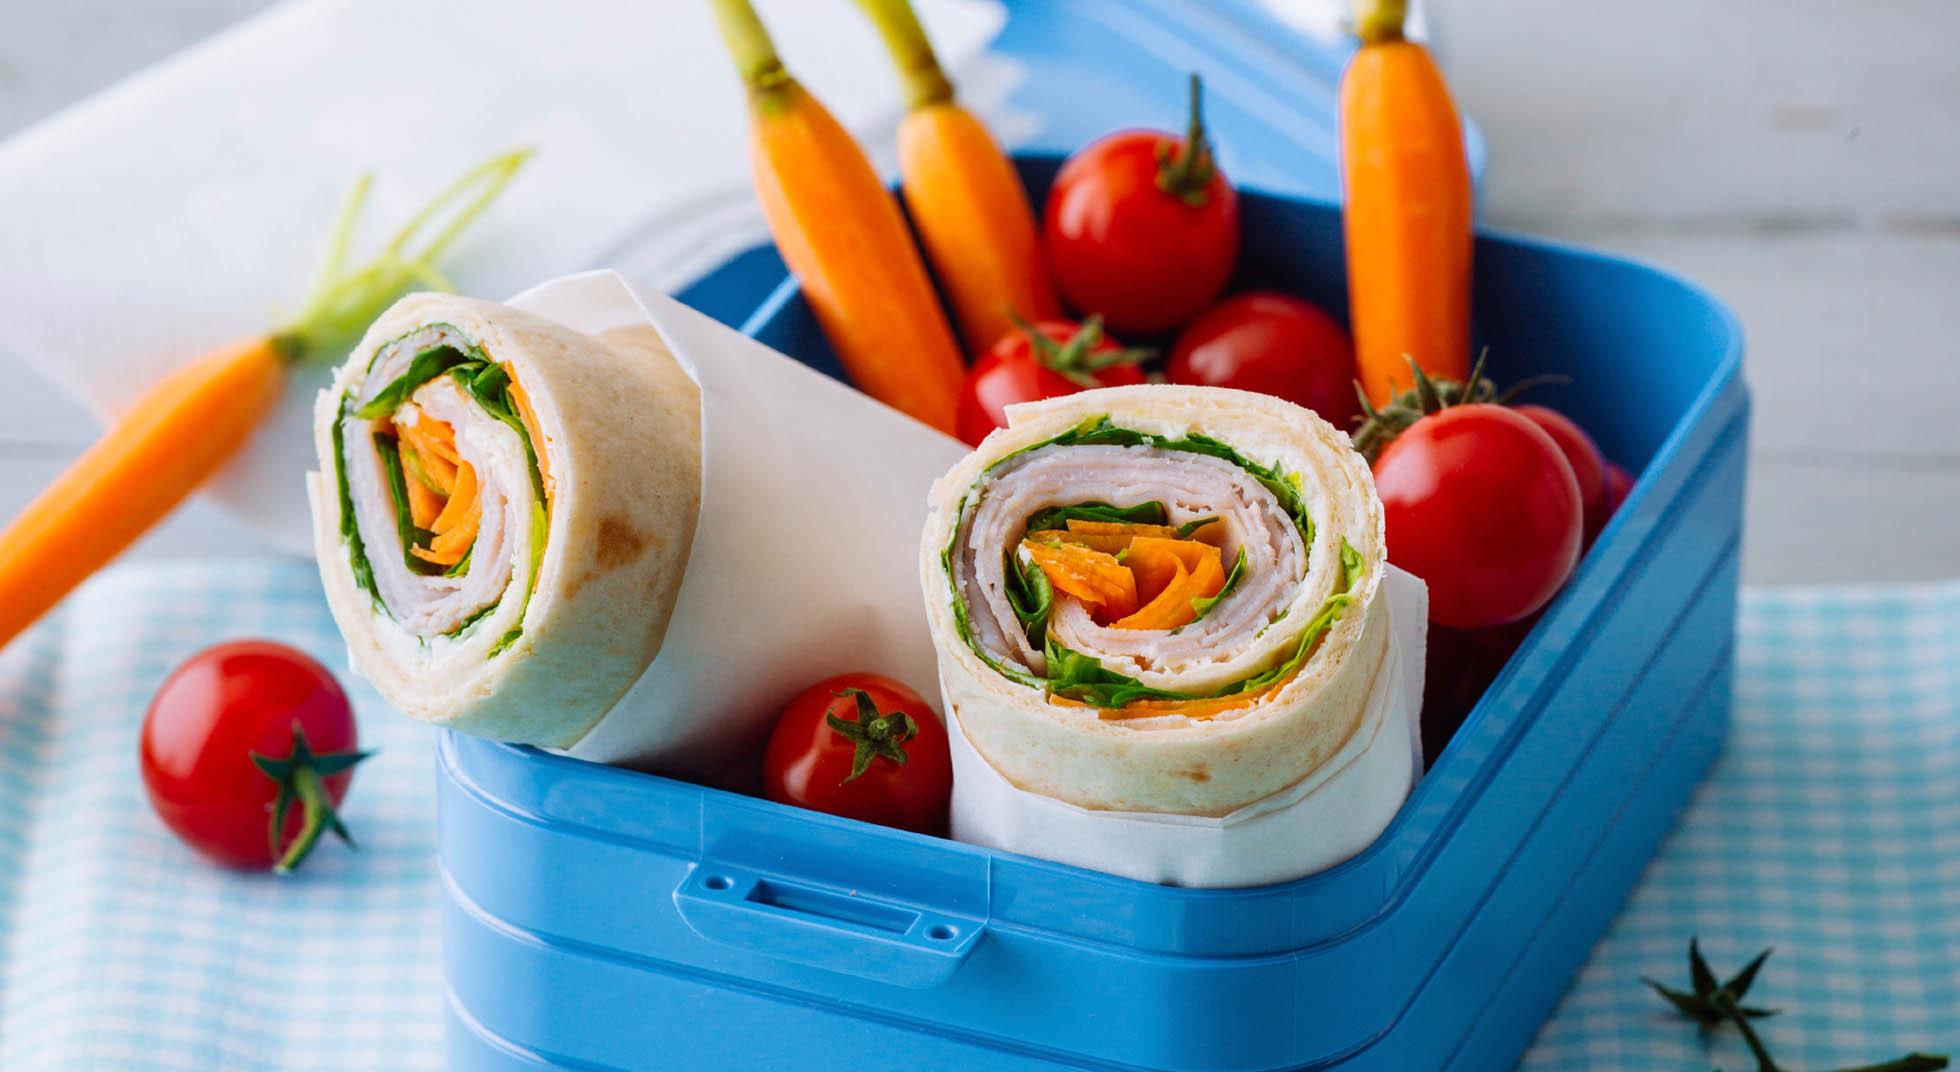 Pranzi Sani E Leggeri : Pranzo al sacco ricette leggere e facili da preparare aia food